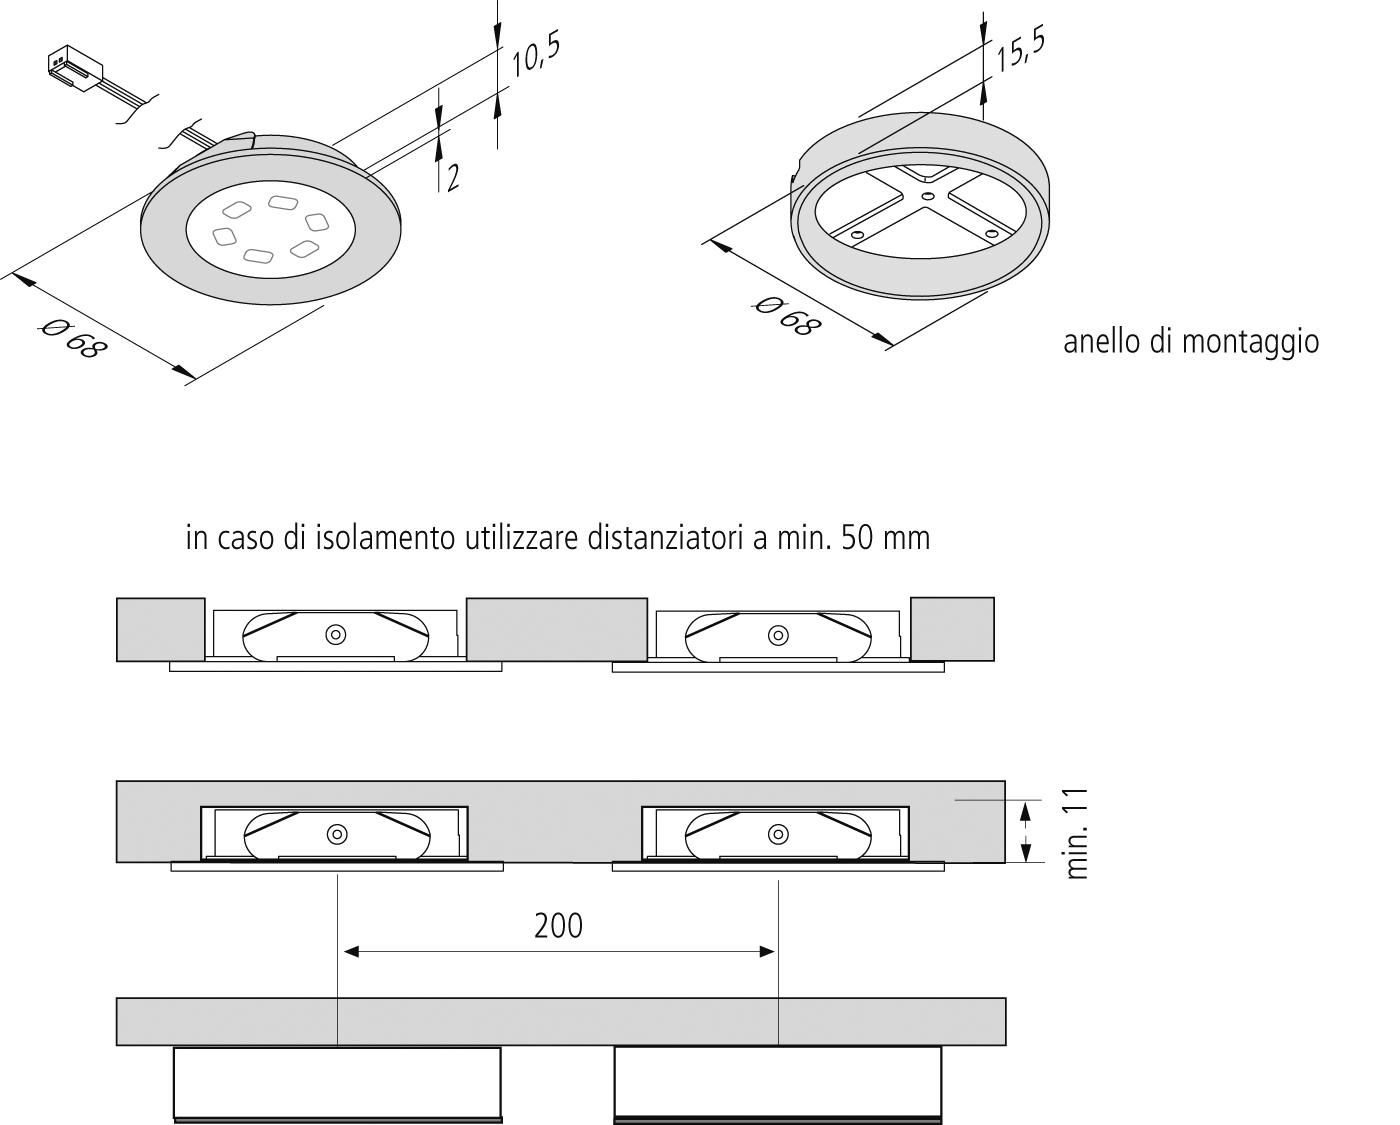 Anteprima: R55-LED_it